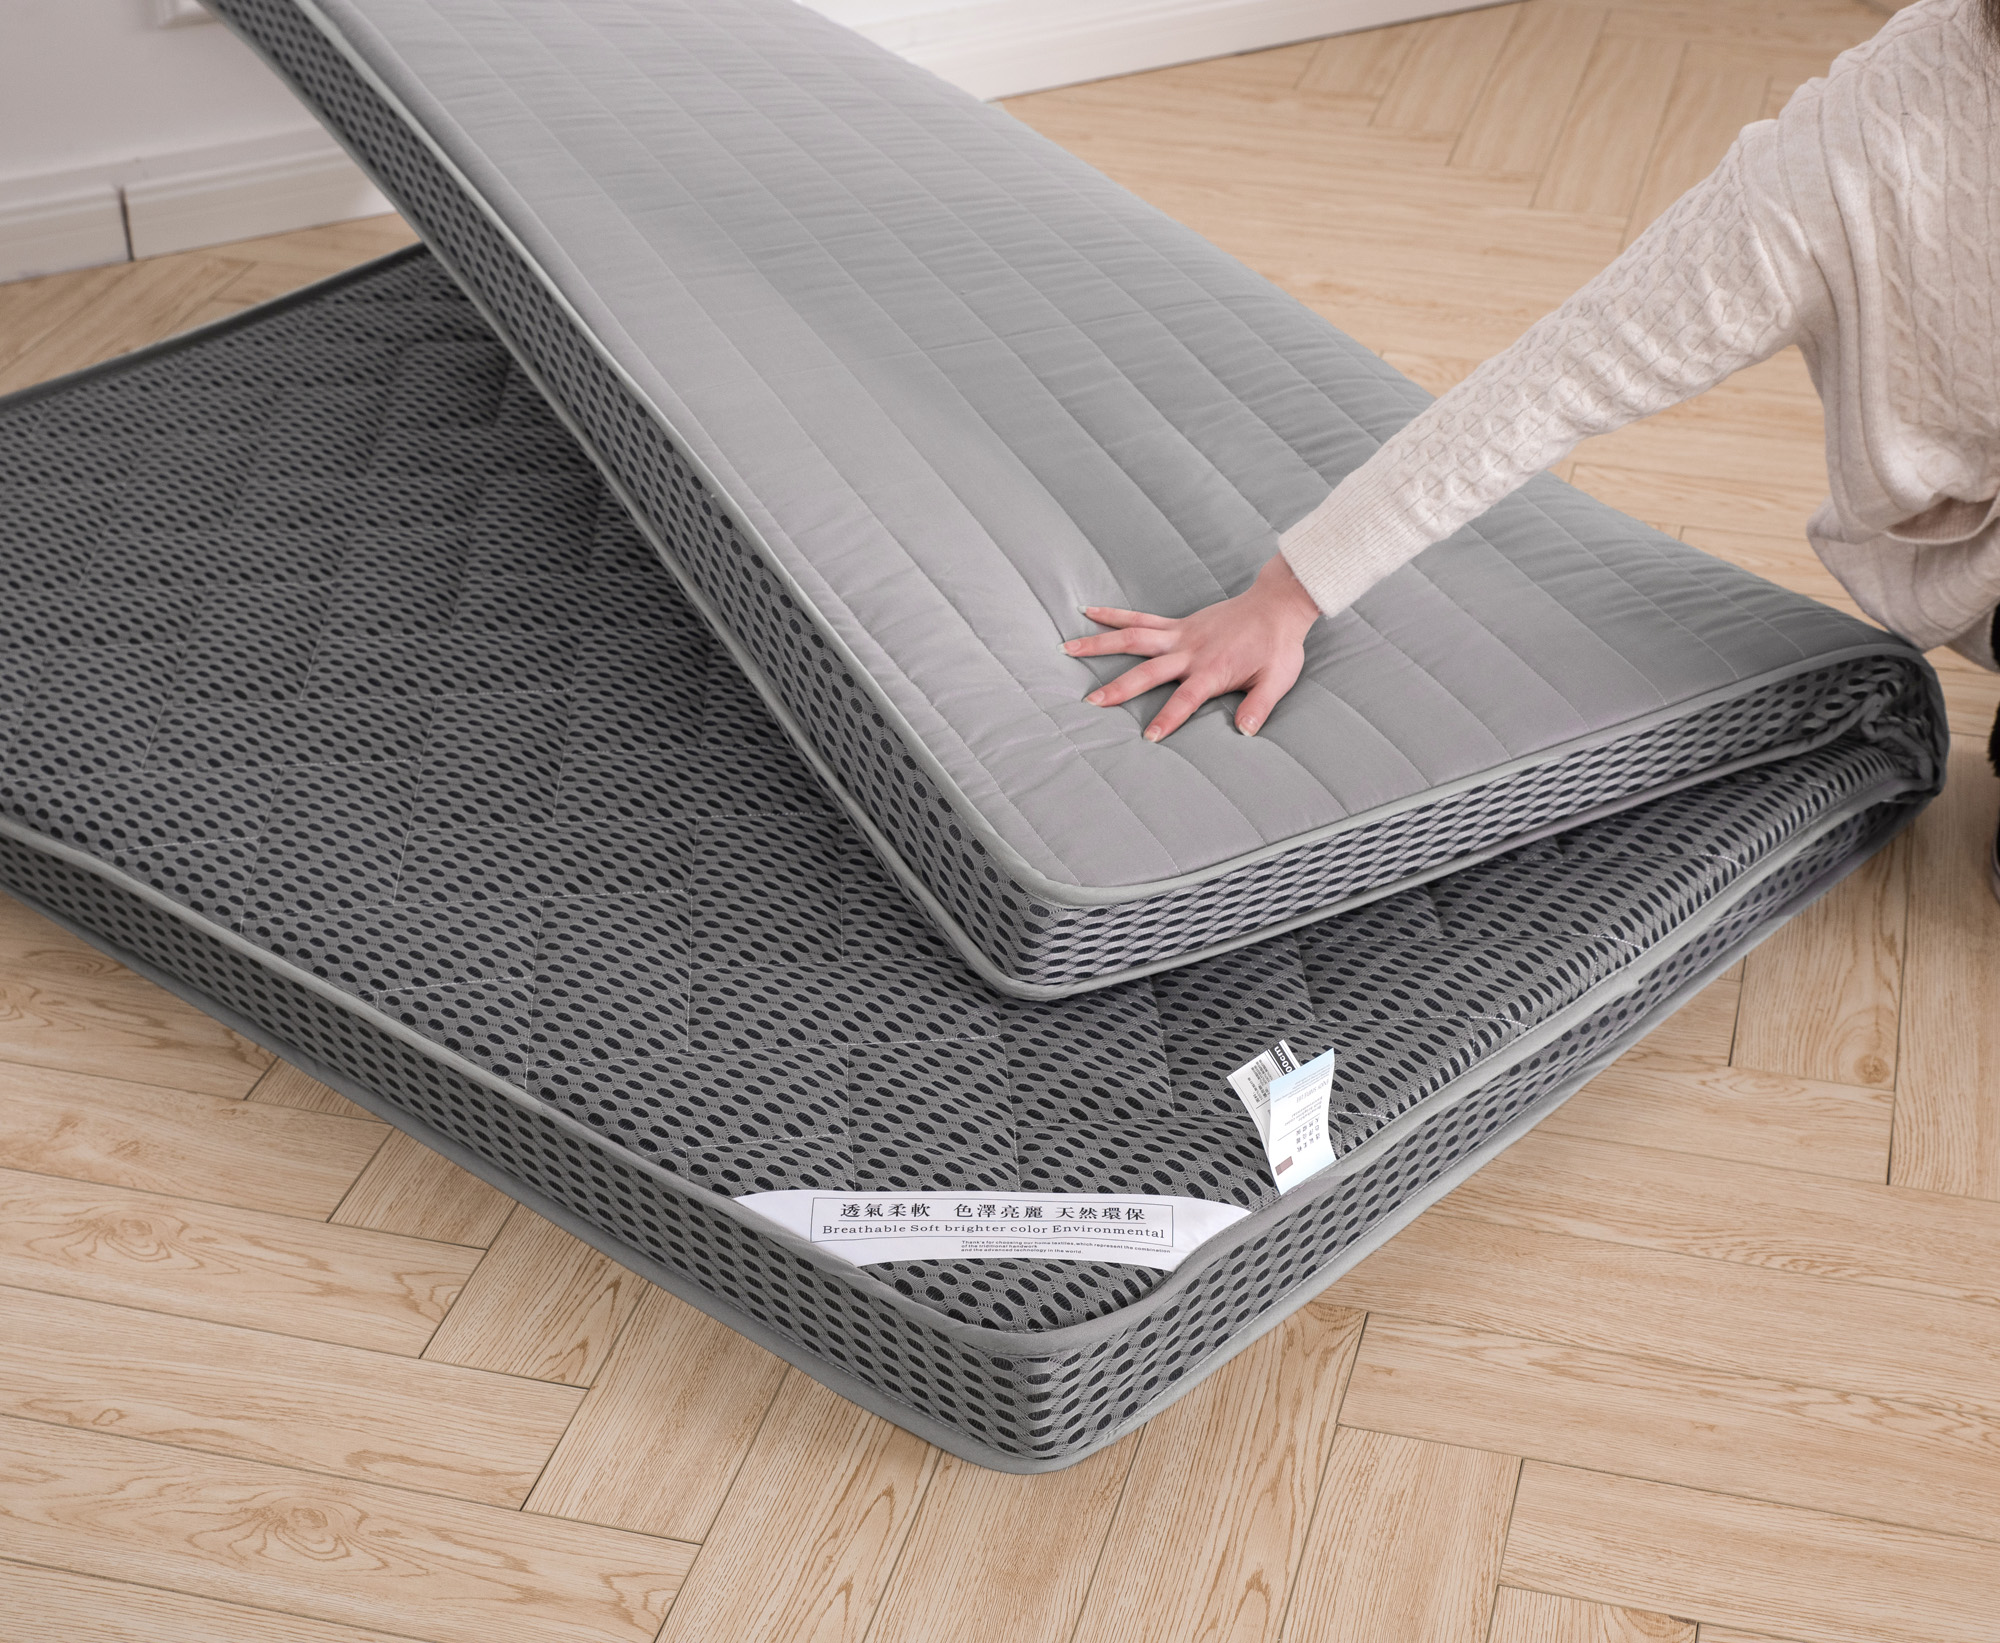 Утолщённый море хлопок матрас 0.9m1/1.2/1.35/1.5/1.8x1.9*2 метр студент комната с несколькими кроватями матрас кровать матрас